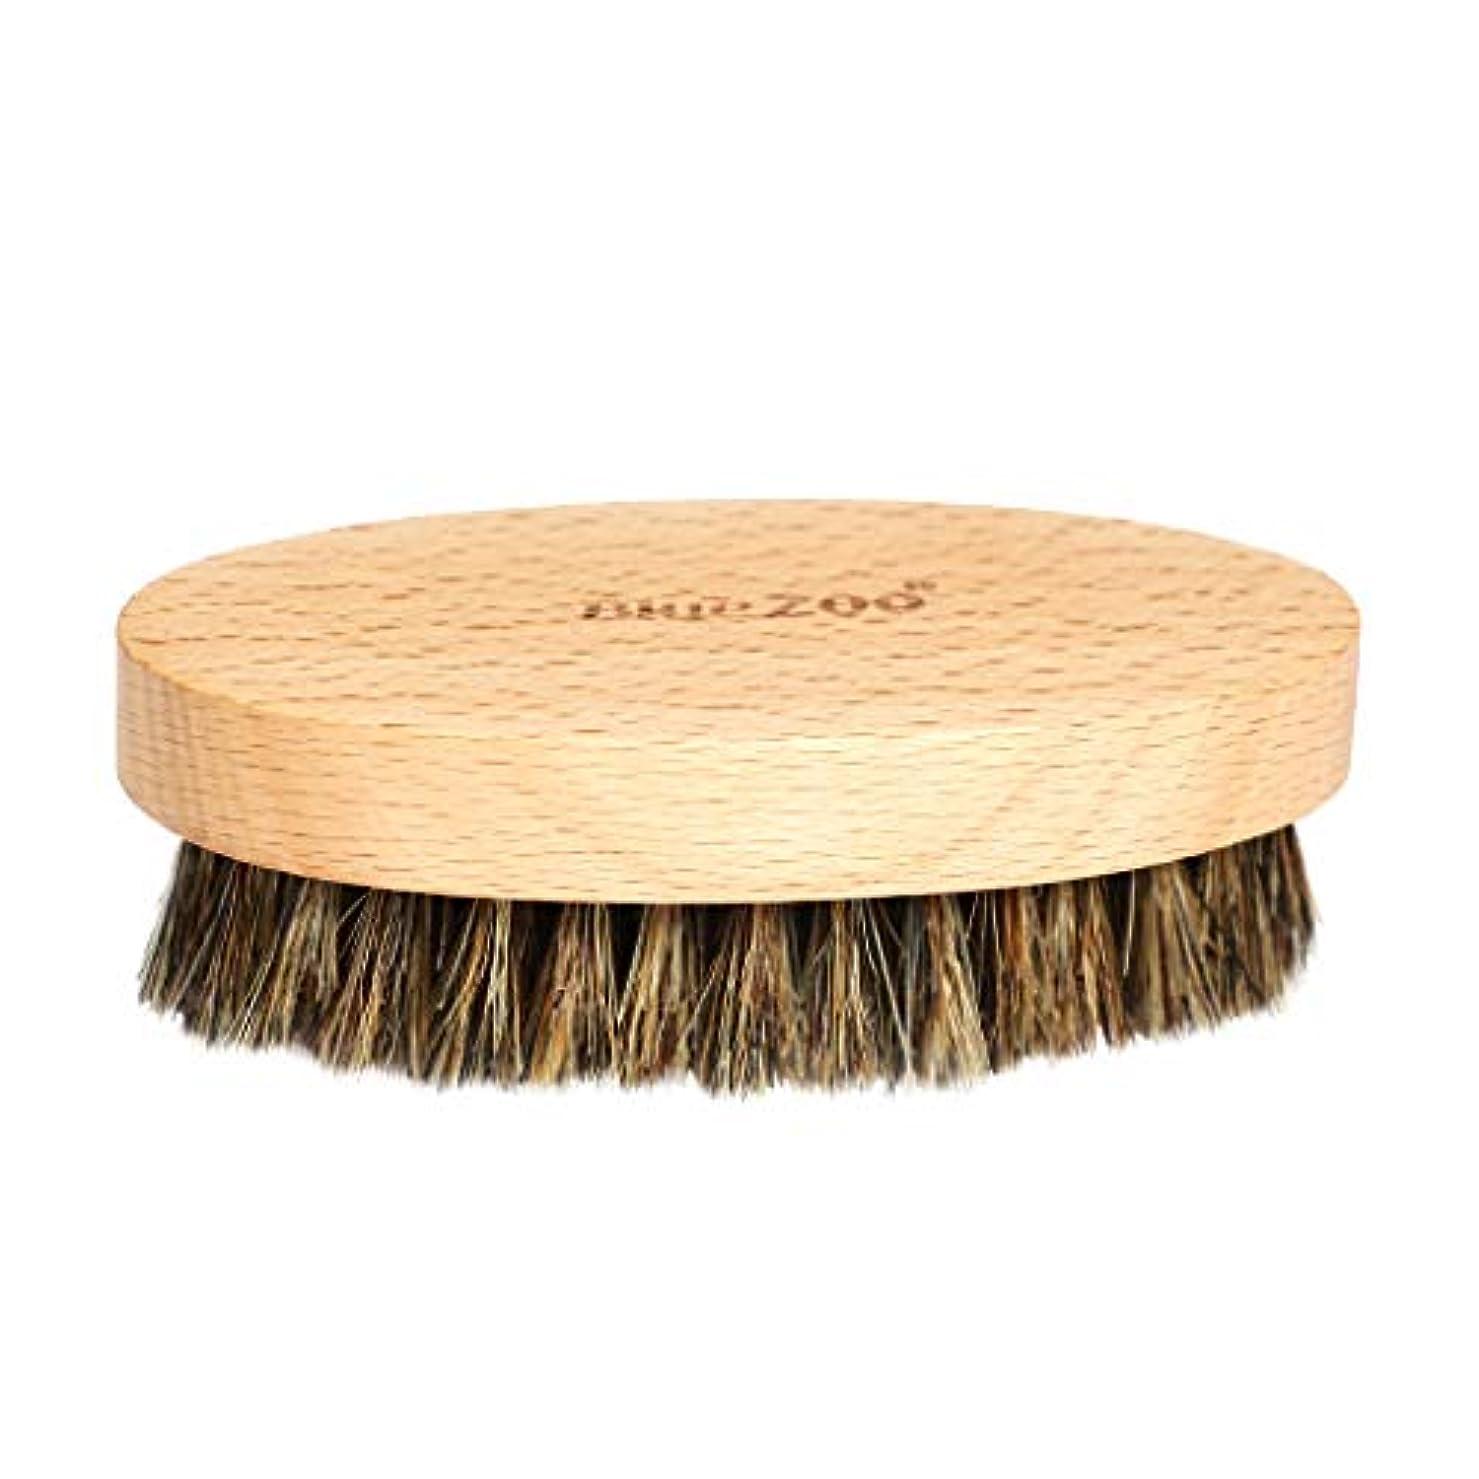 請求書練るアレイPerfeclan シェービングブラシ 硬い毛 ひげブラシ 男性 髭剃り 清潔用